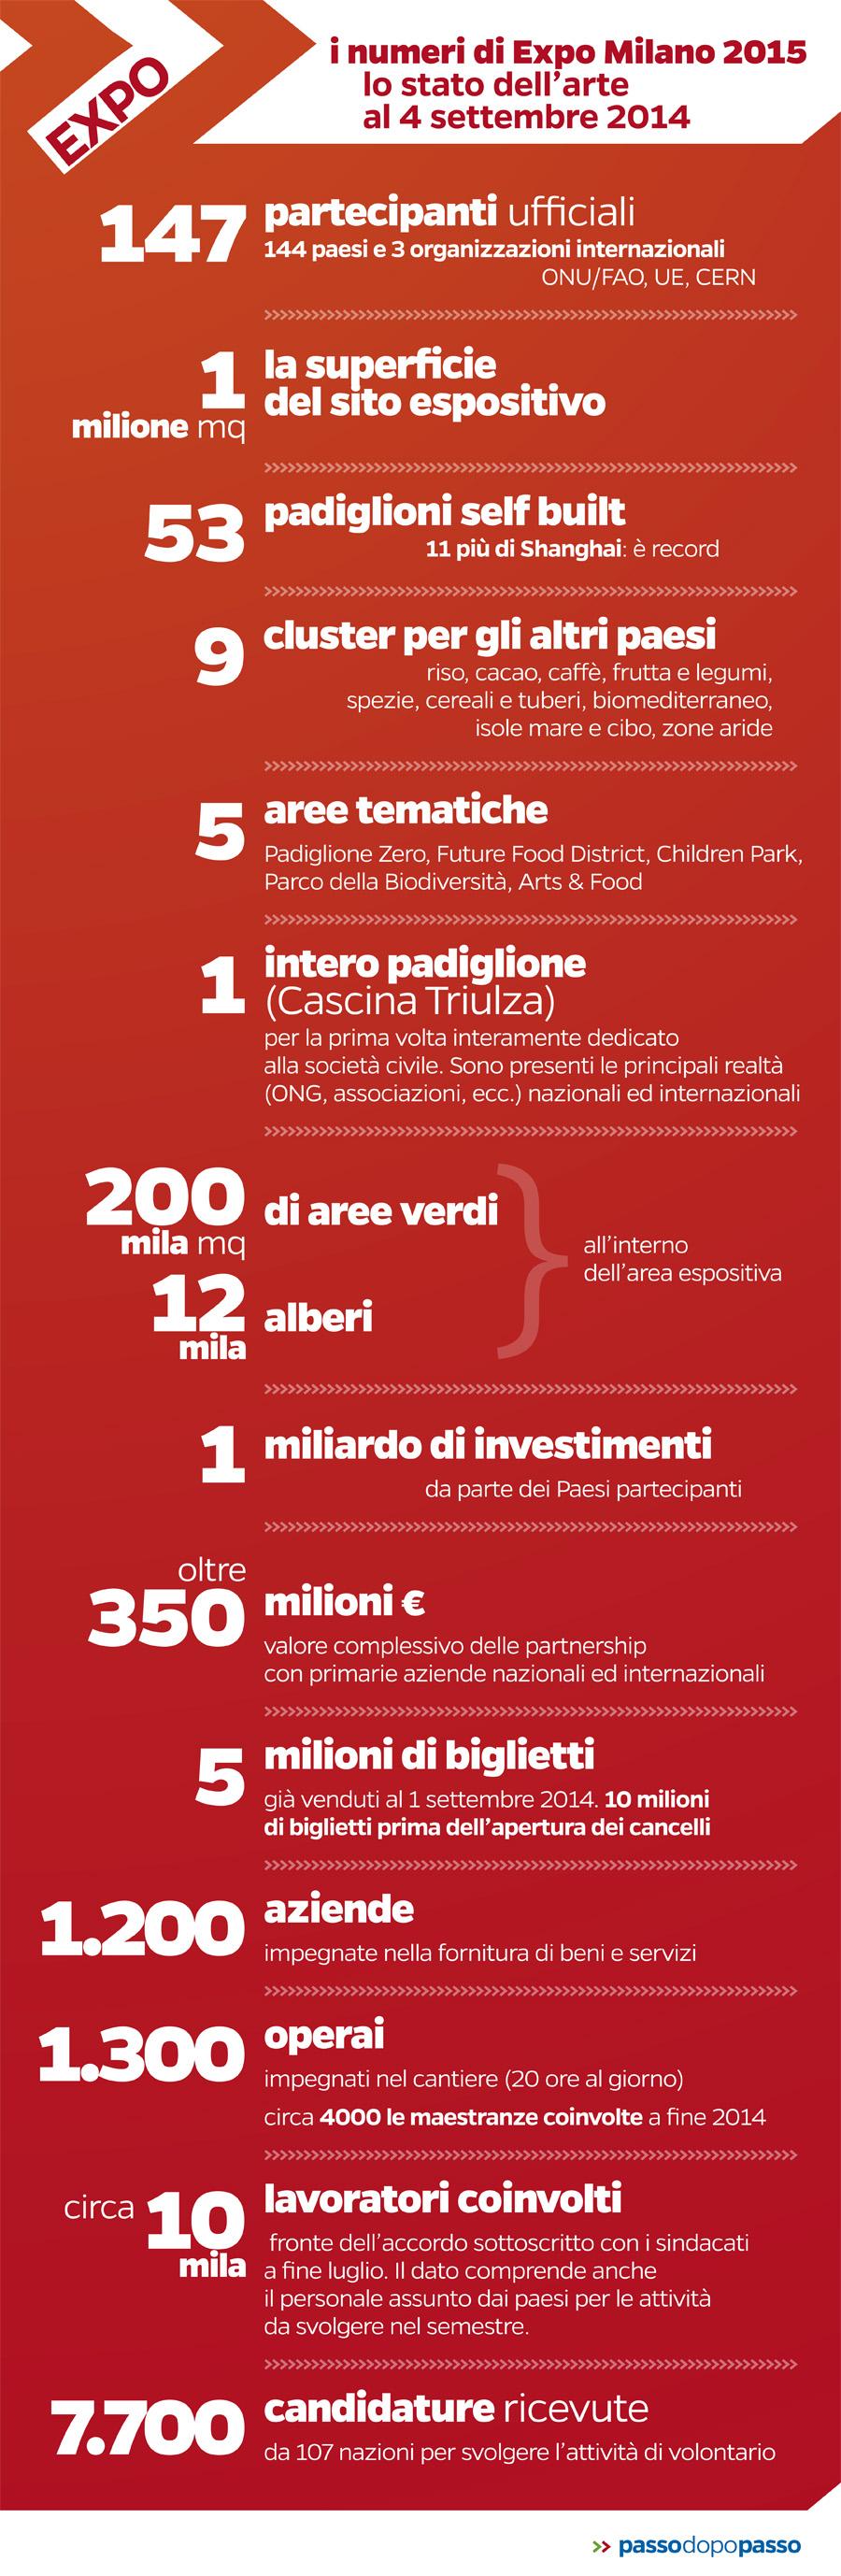 Infografica: I numeri di Expo Milano 2015